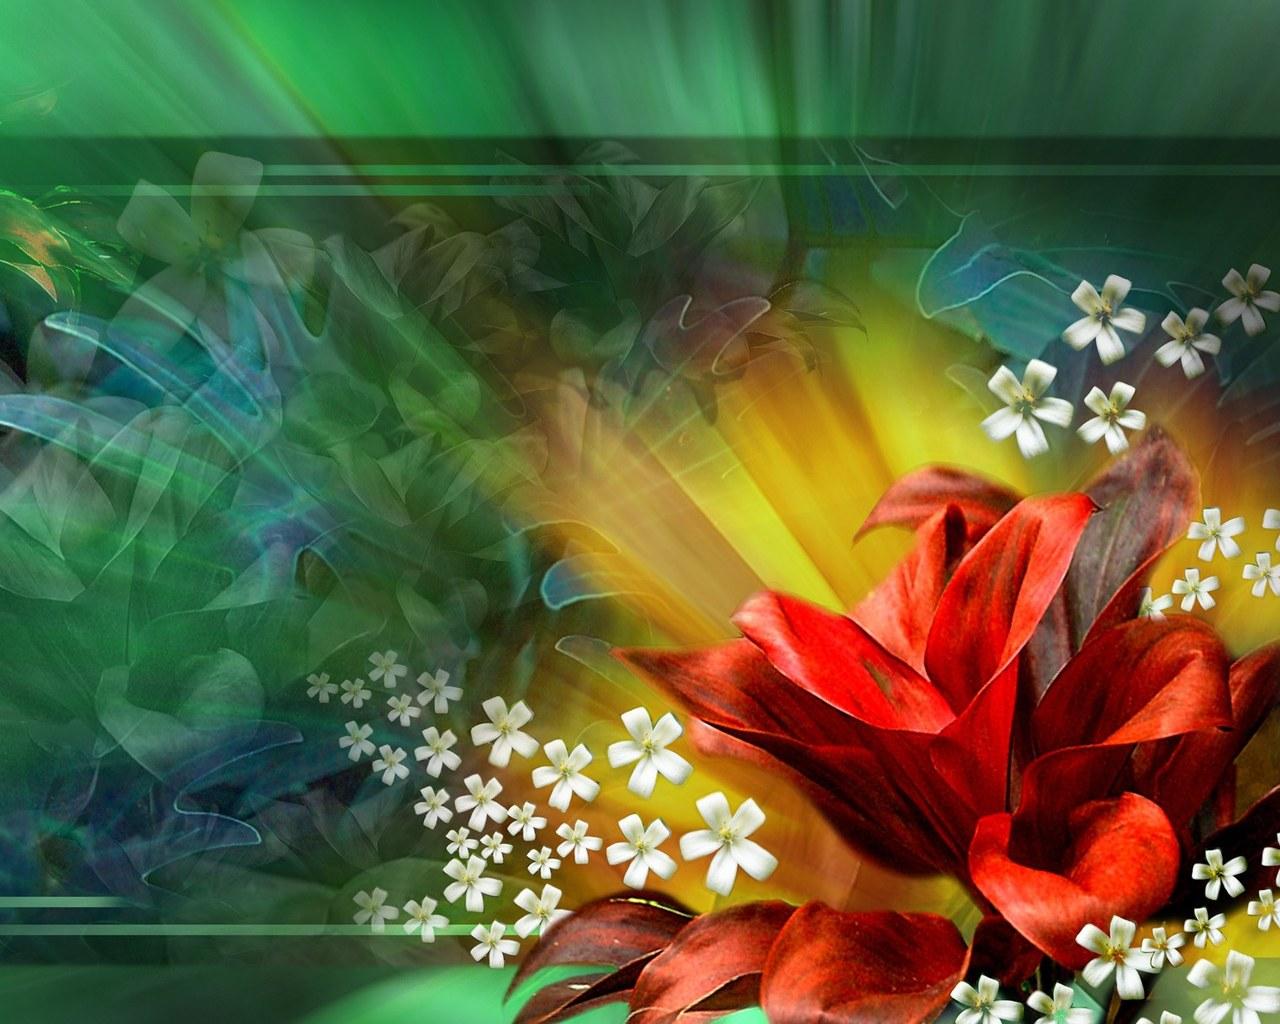 Wallpapers Background: HD Desktop Wallpapers